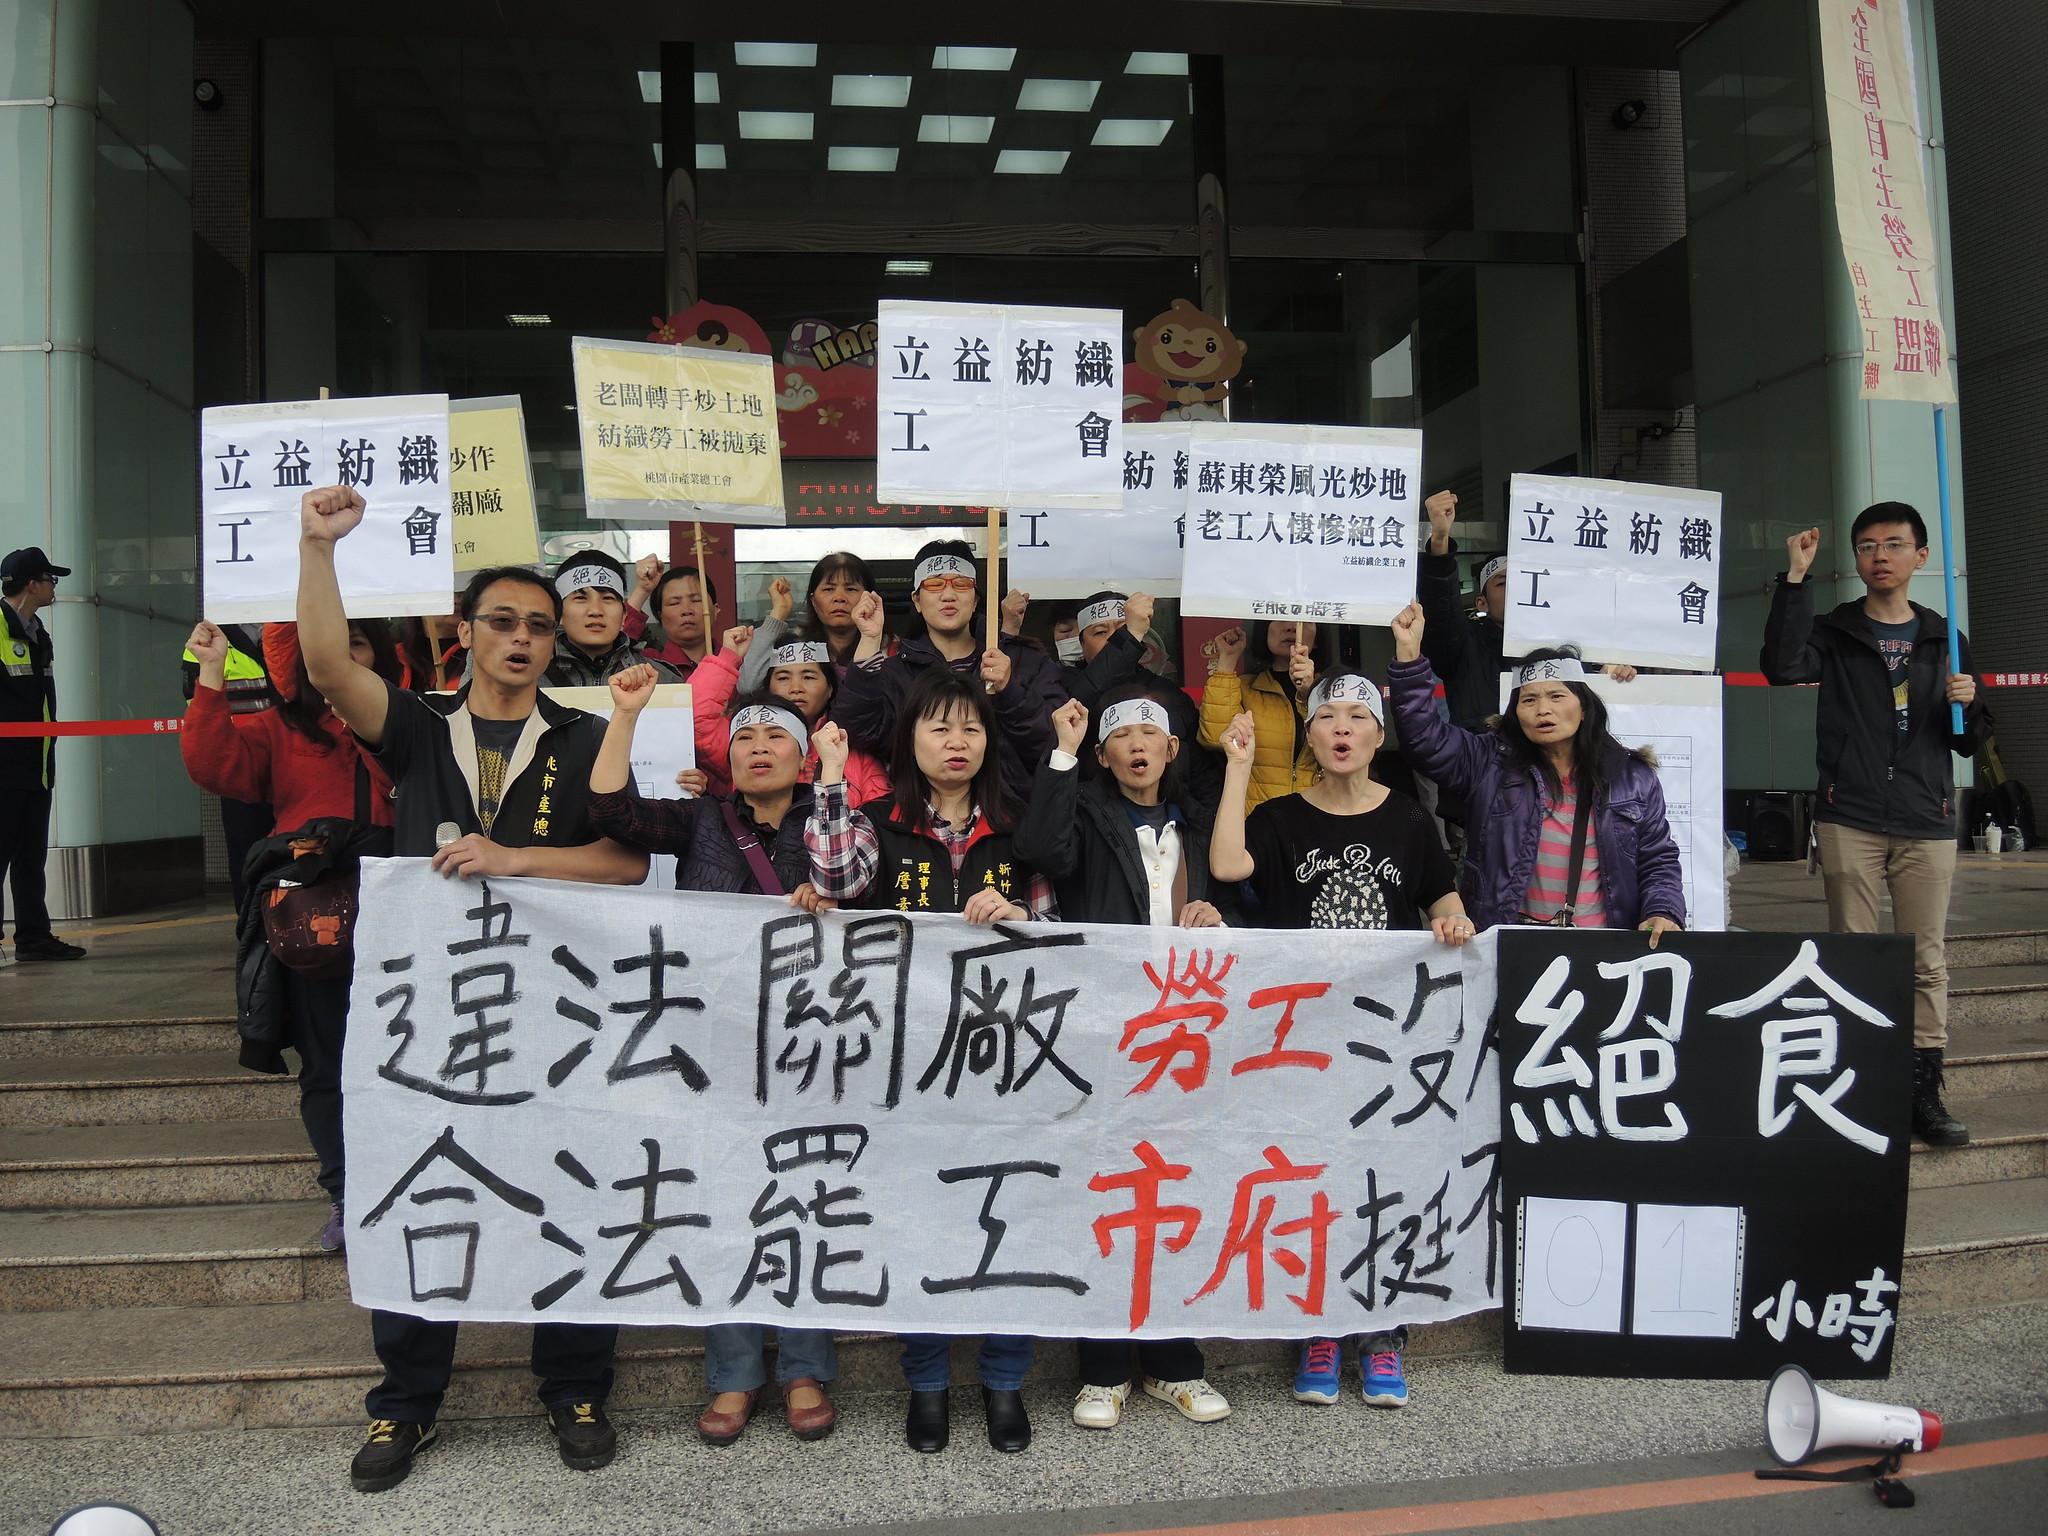 立益紡織工會到桃園市政府前絕食抗議,要求資方給予合理資遣費。(攝影:曾福全)